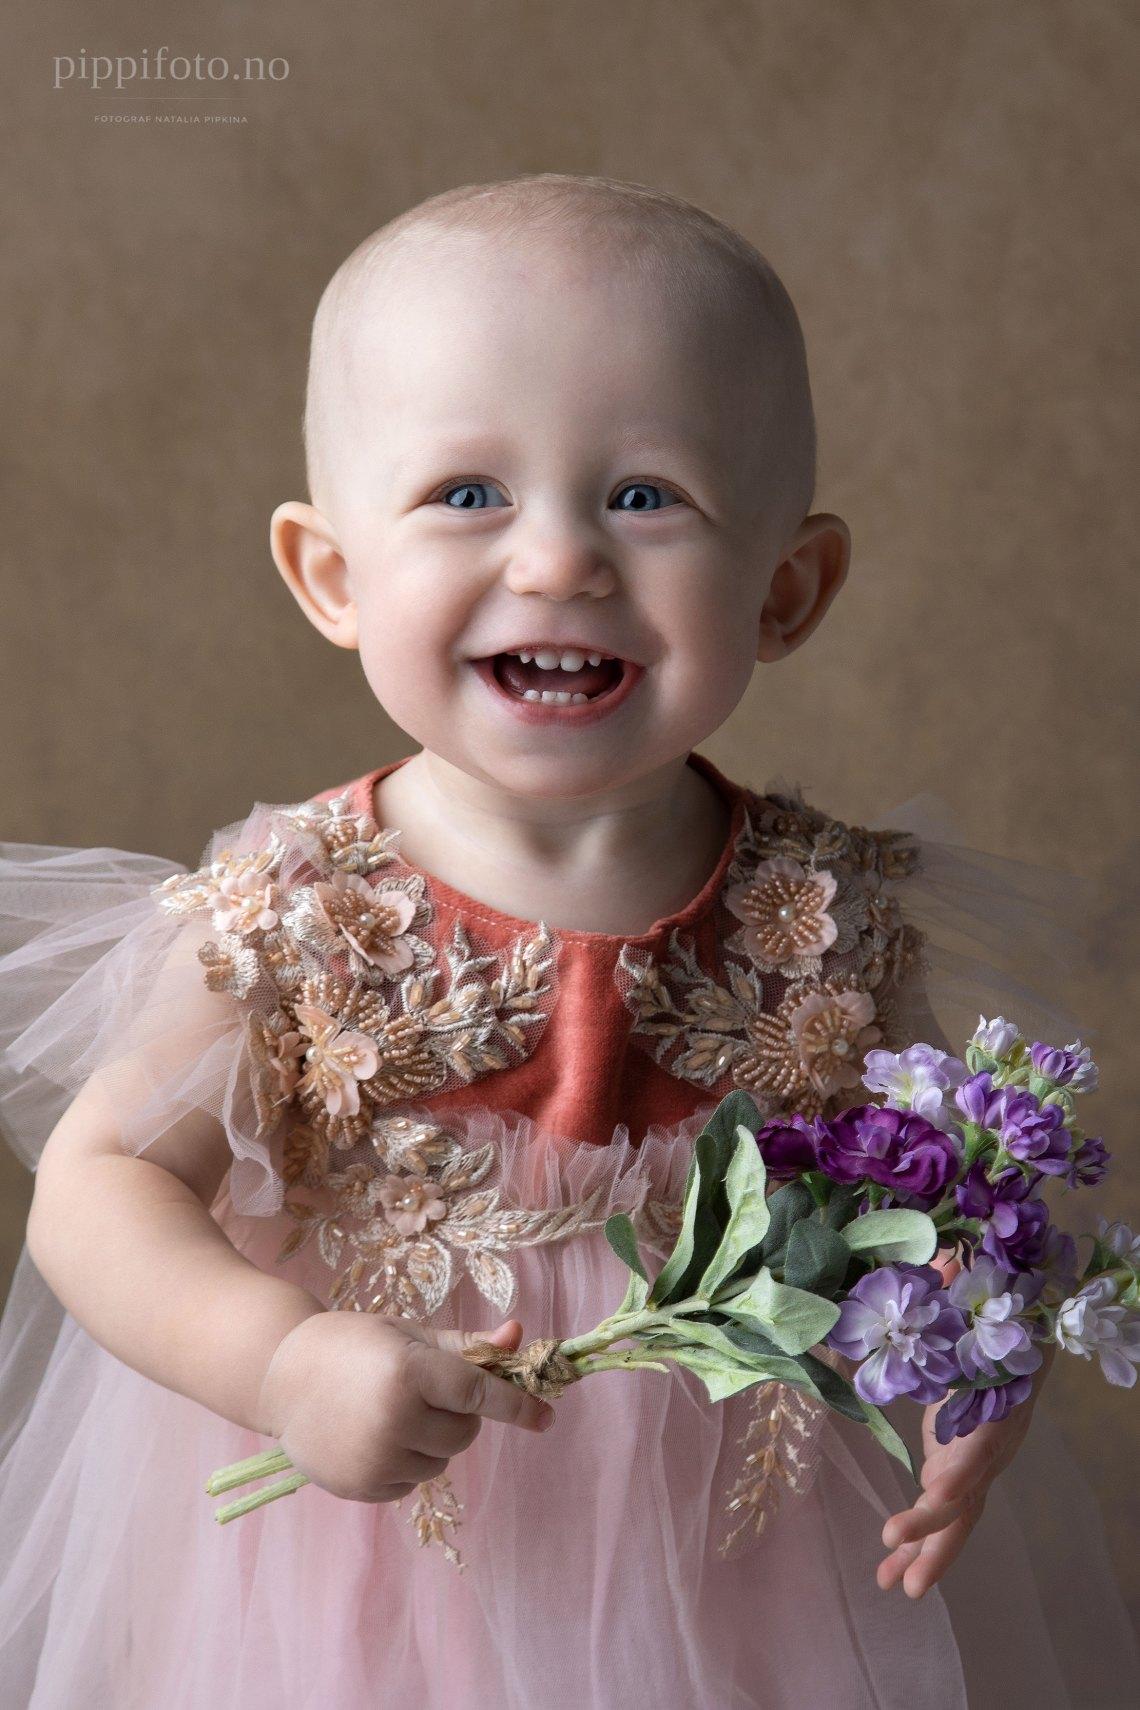 ettårsfotografering-barnefotografering-oslo